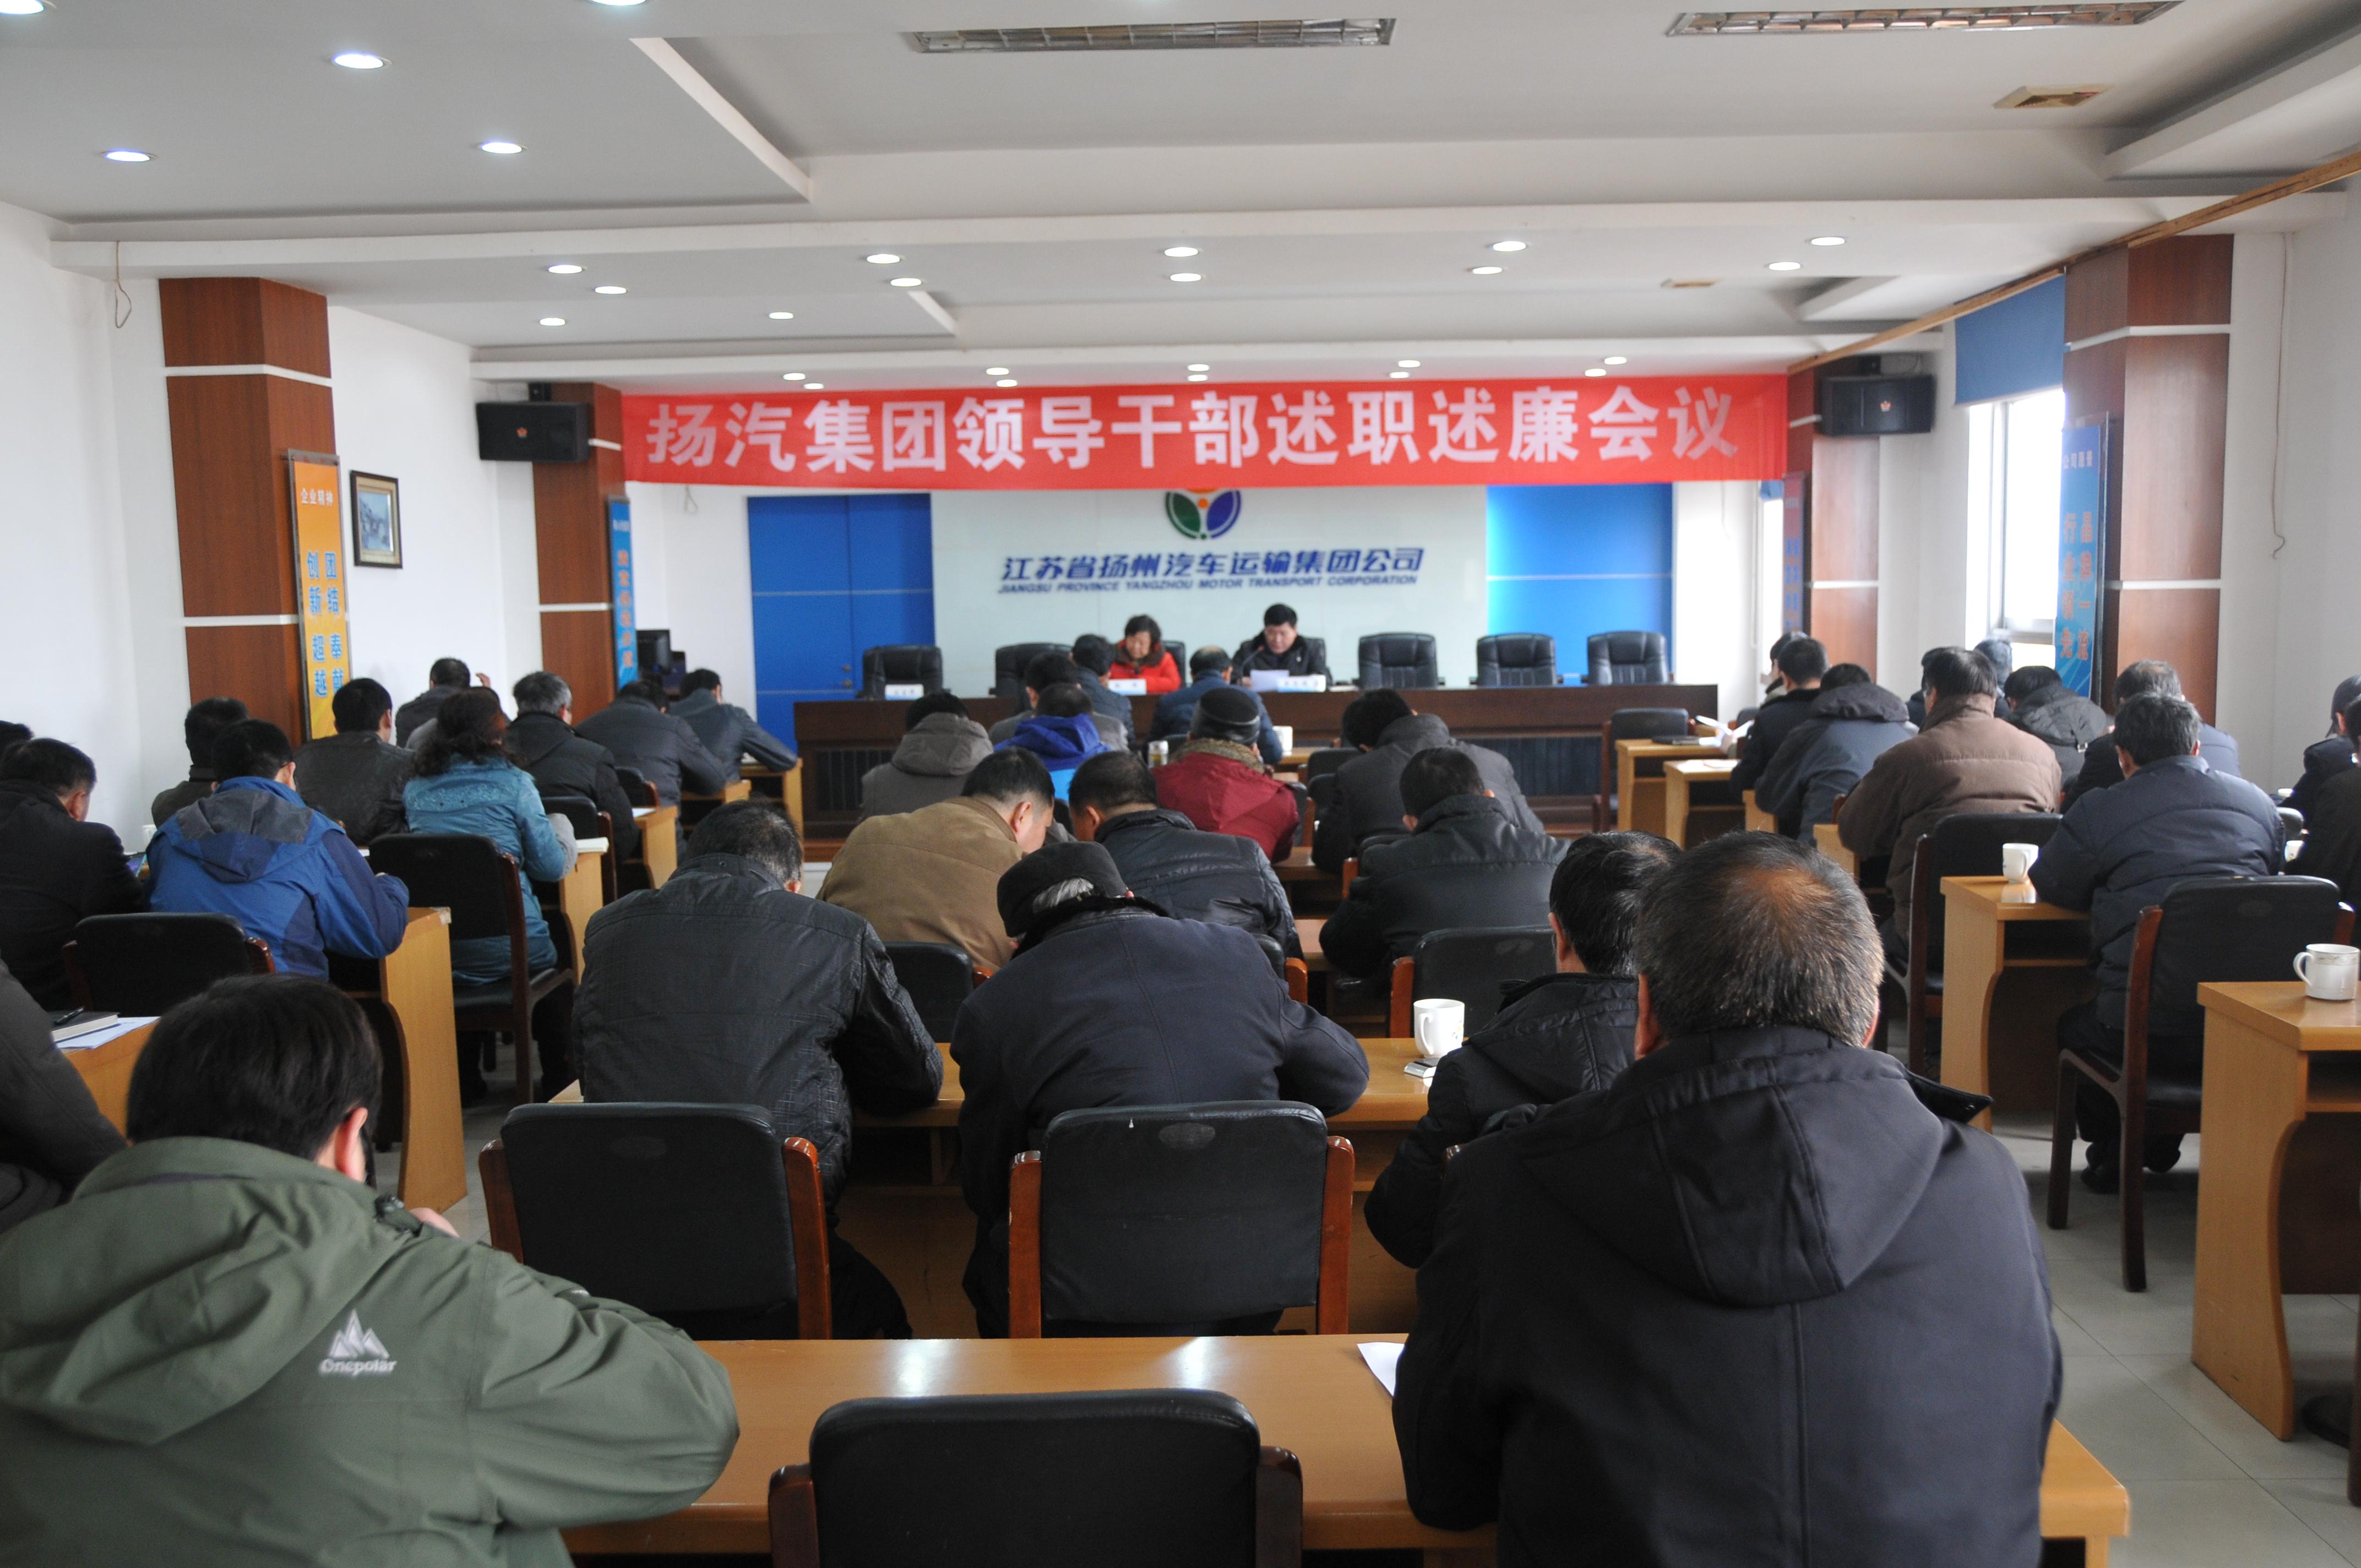 集团公司召开领导班子述职述廉会议